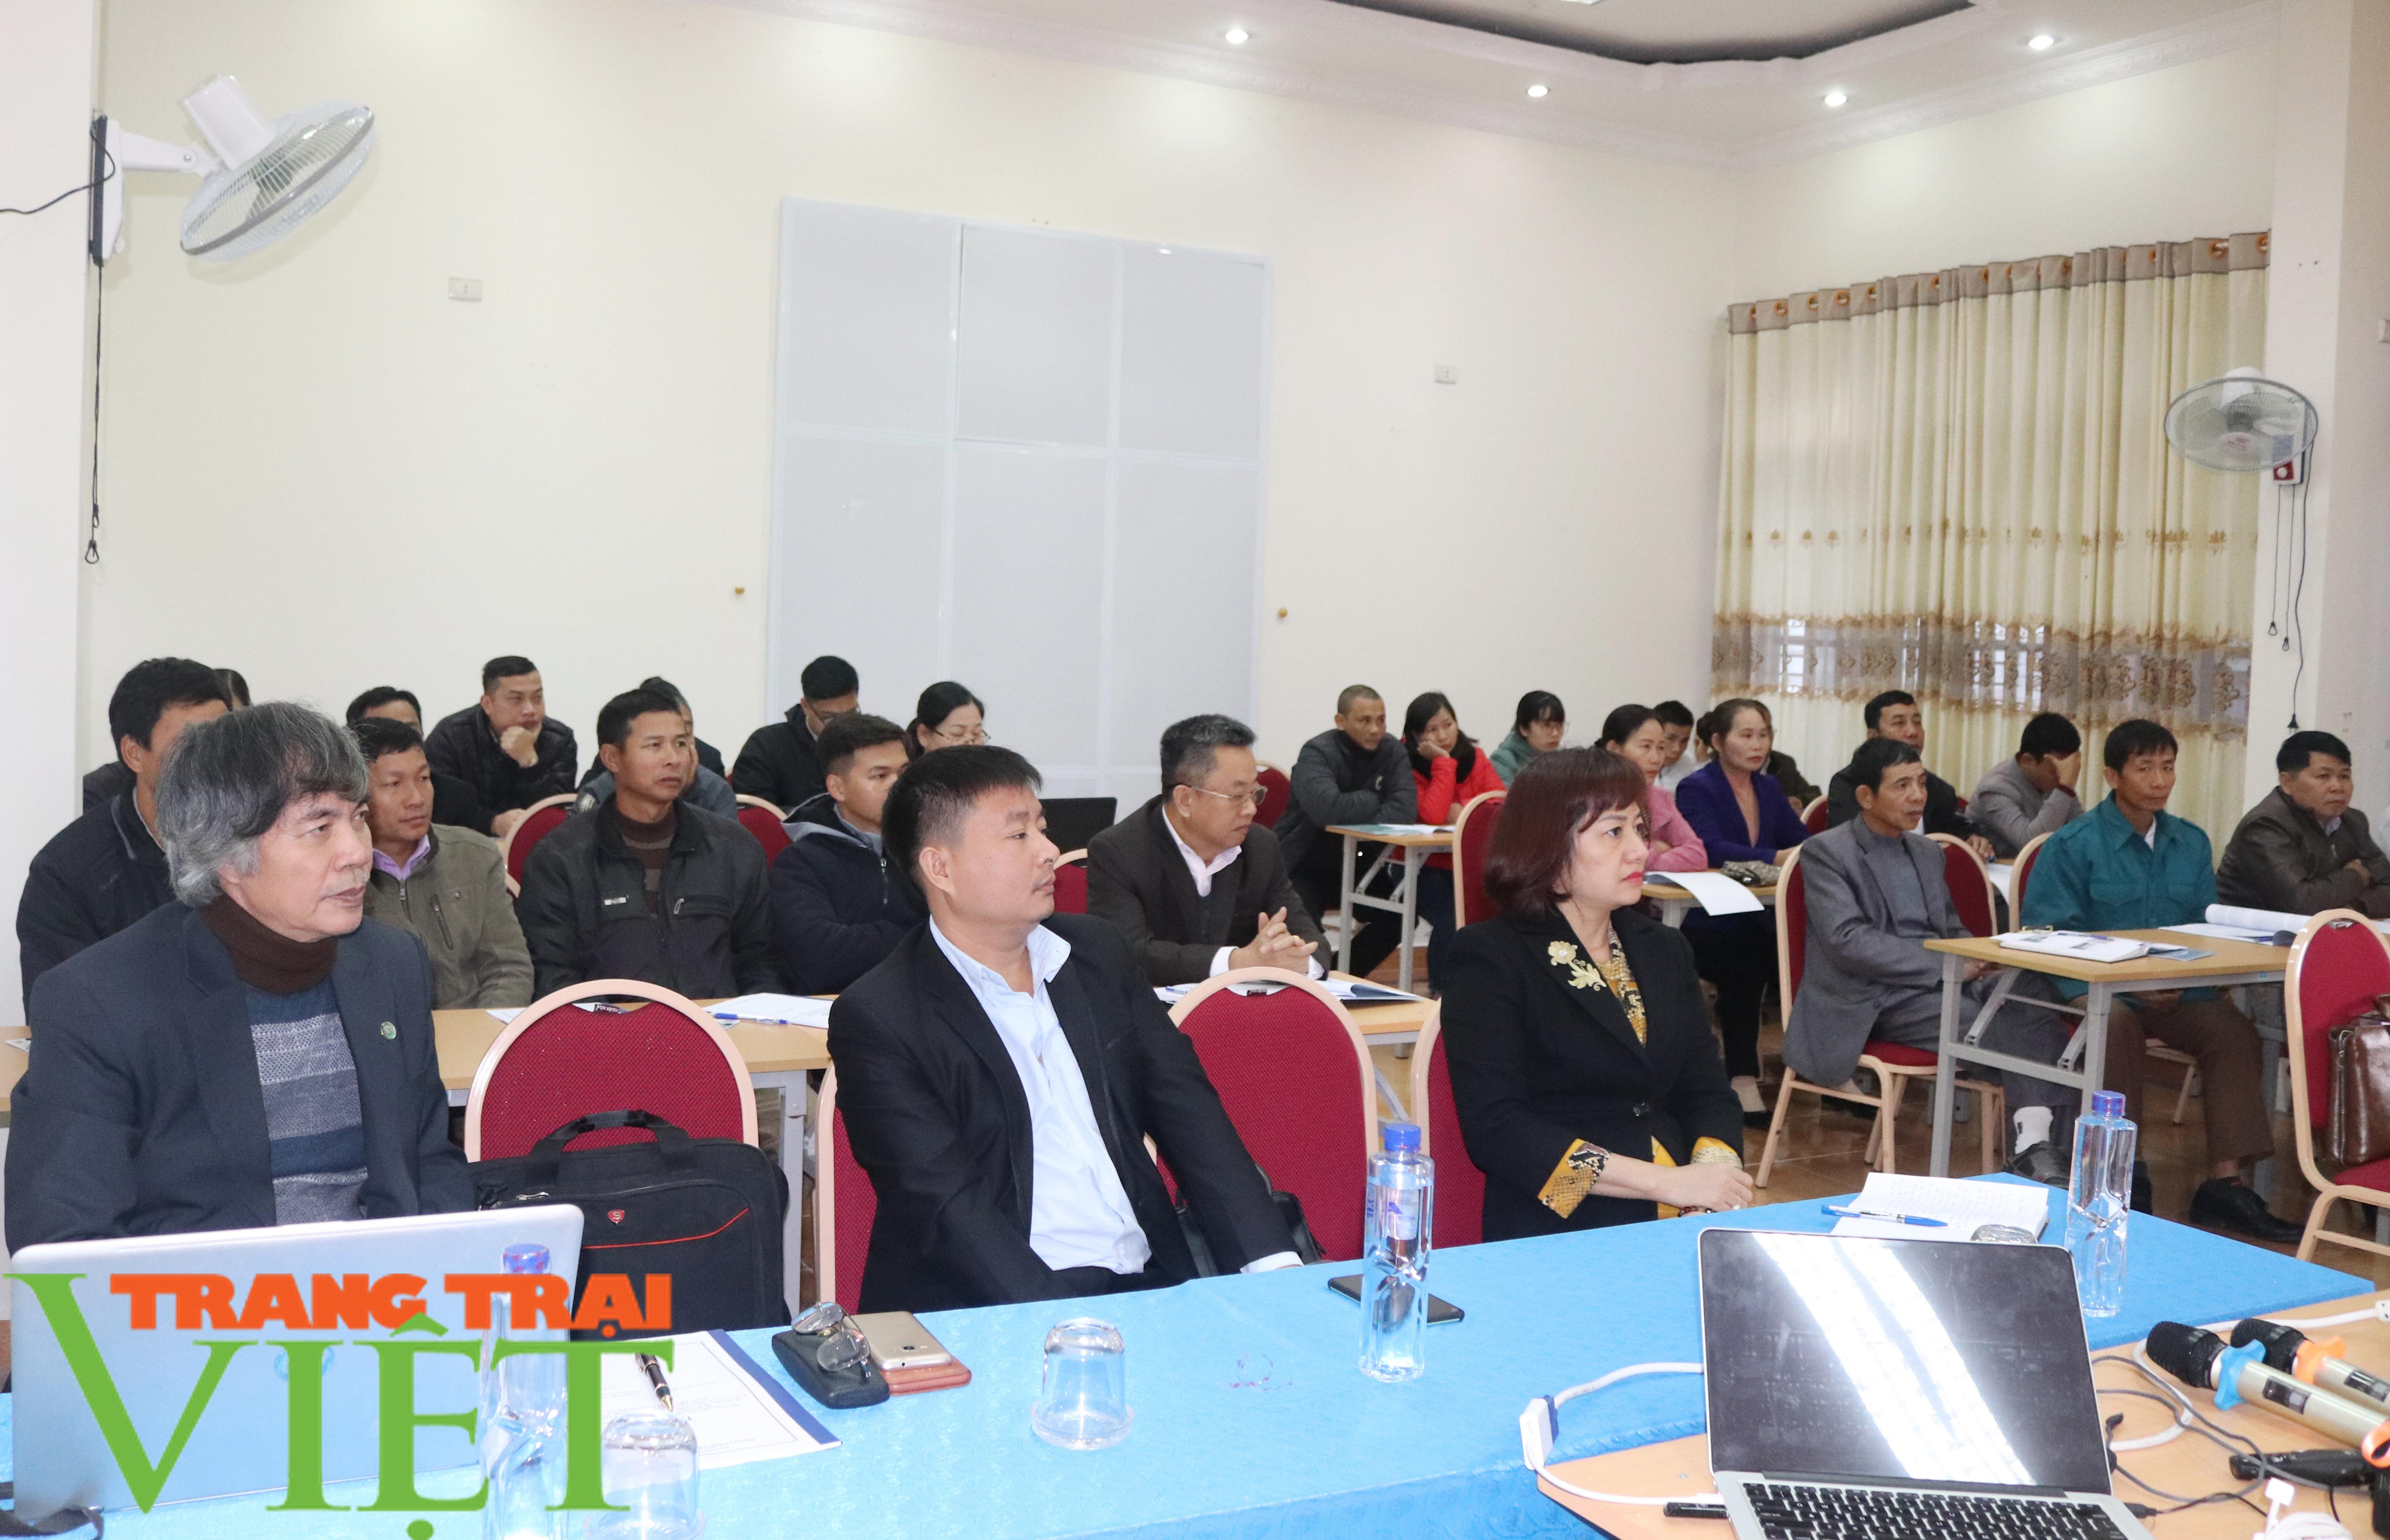 Sơn La: Tập huấn sản xuất rau an toàn và quy trình tưới nước tiết kiệm - Ảnh 1.